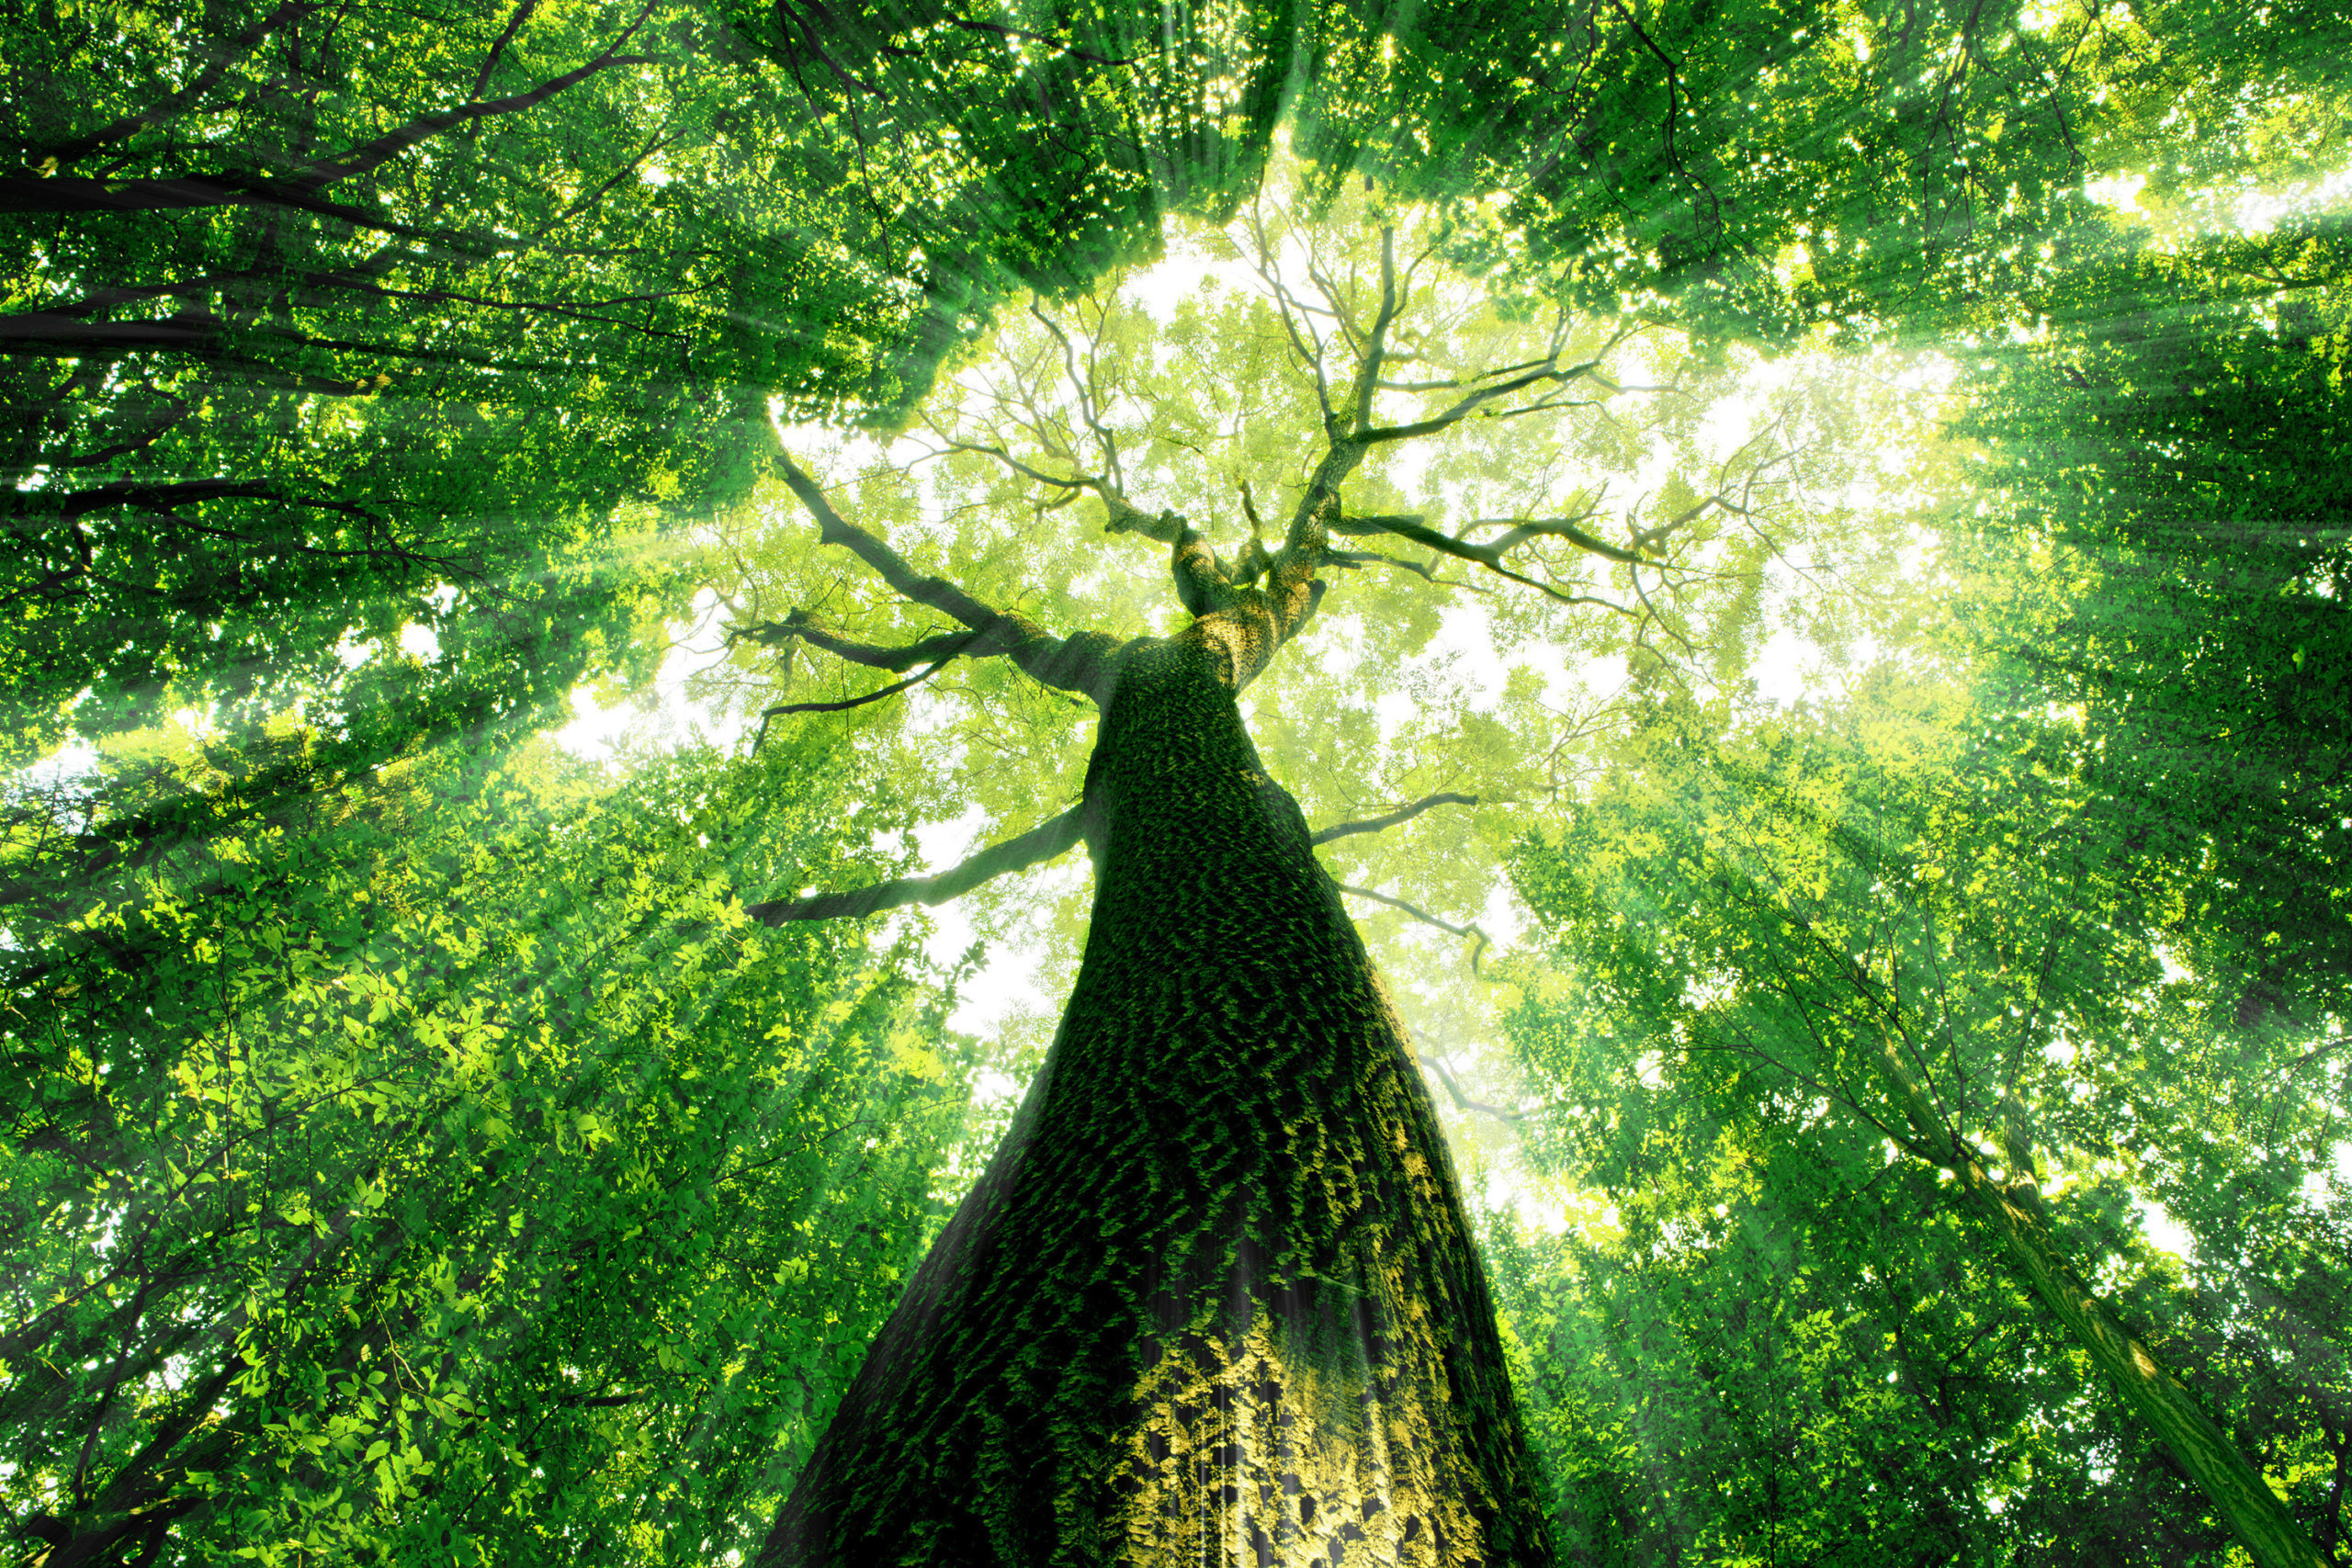 India lanza ambicioso plan para proteger a los árboles milenarios